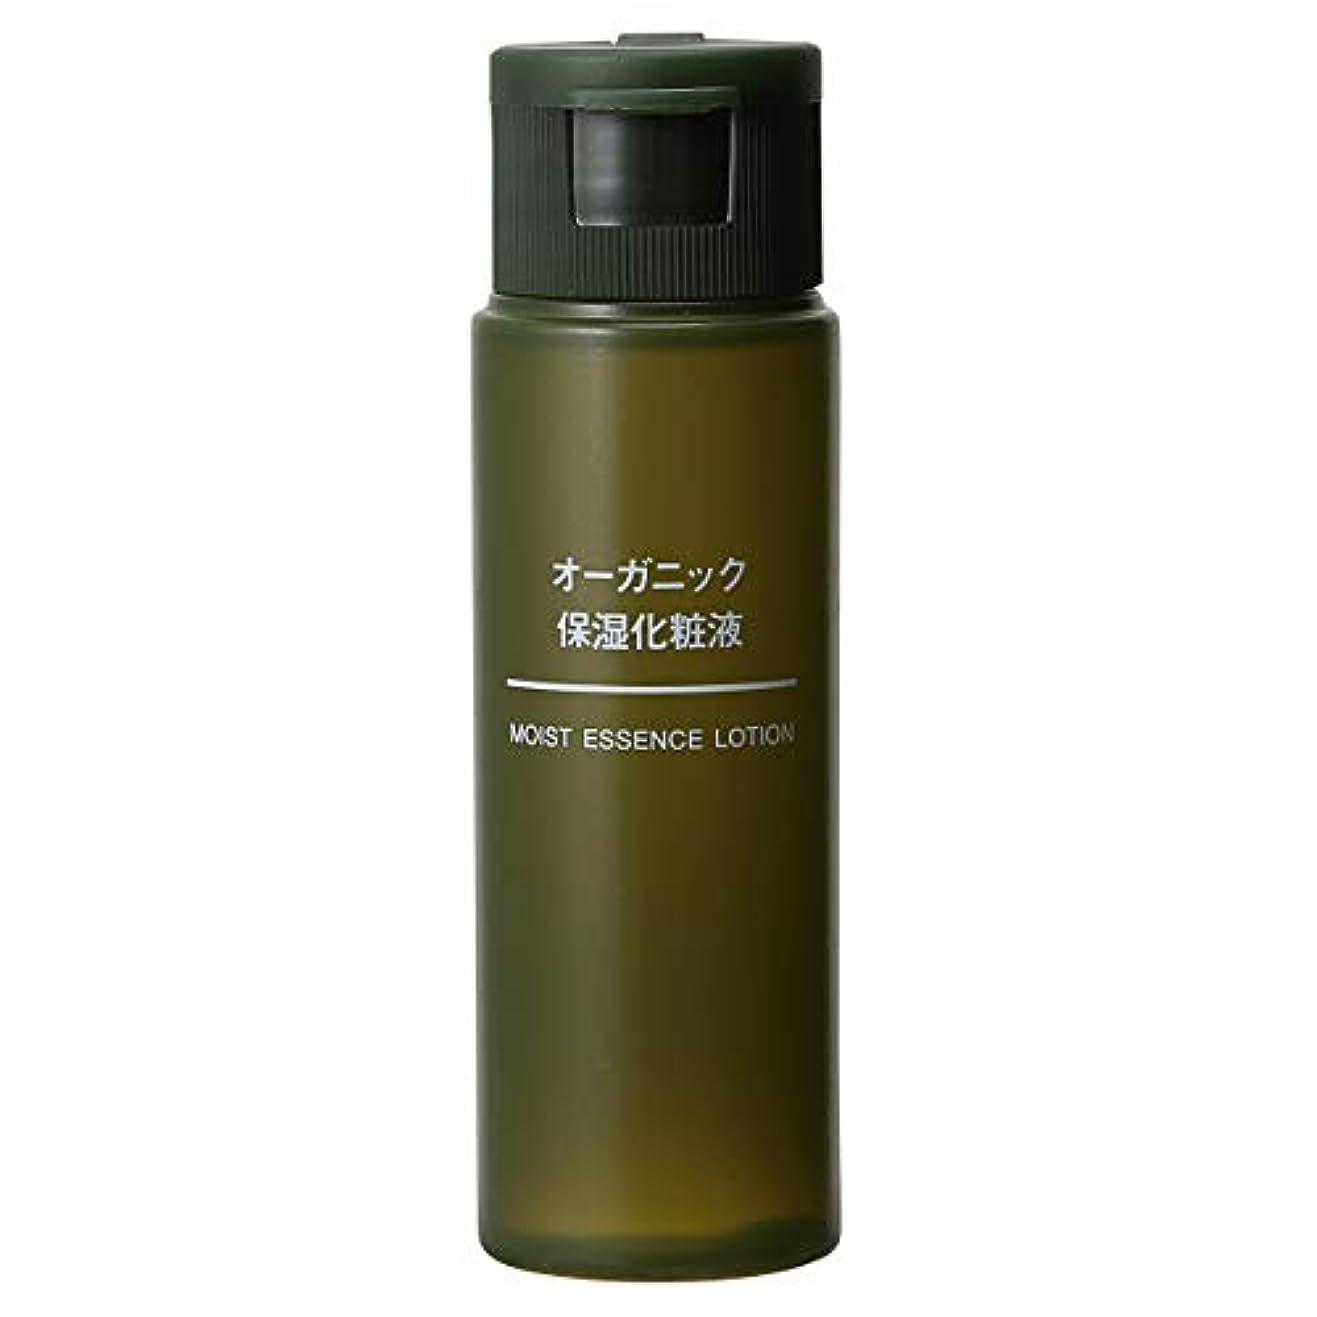 オペラ風邪をひくご覧ください無印良品 オーガニック保湿化粧液(携帯用) 50ml